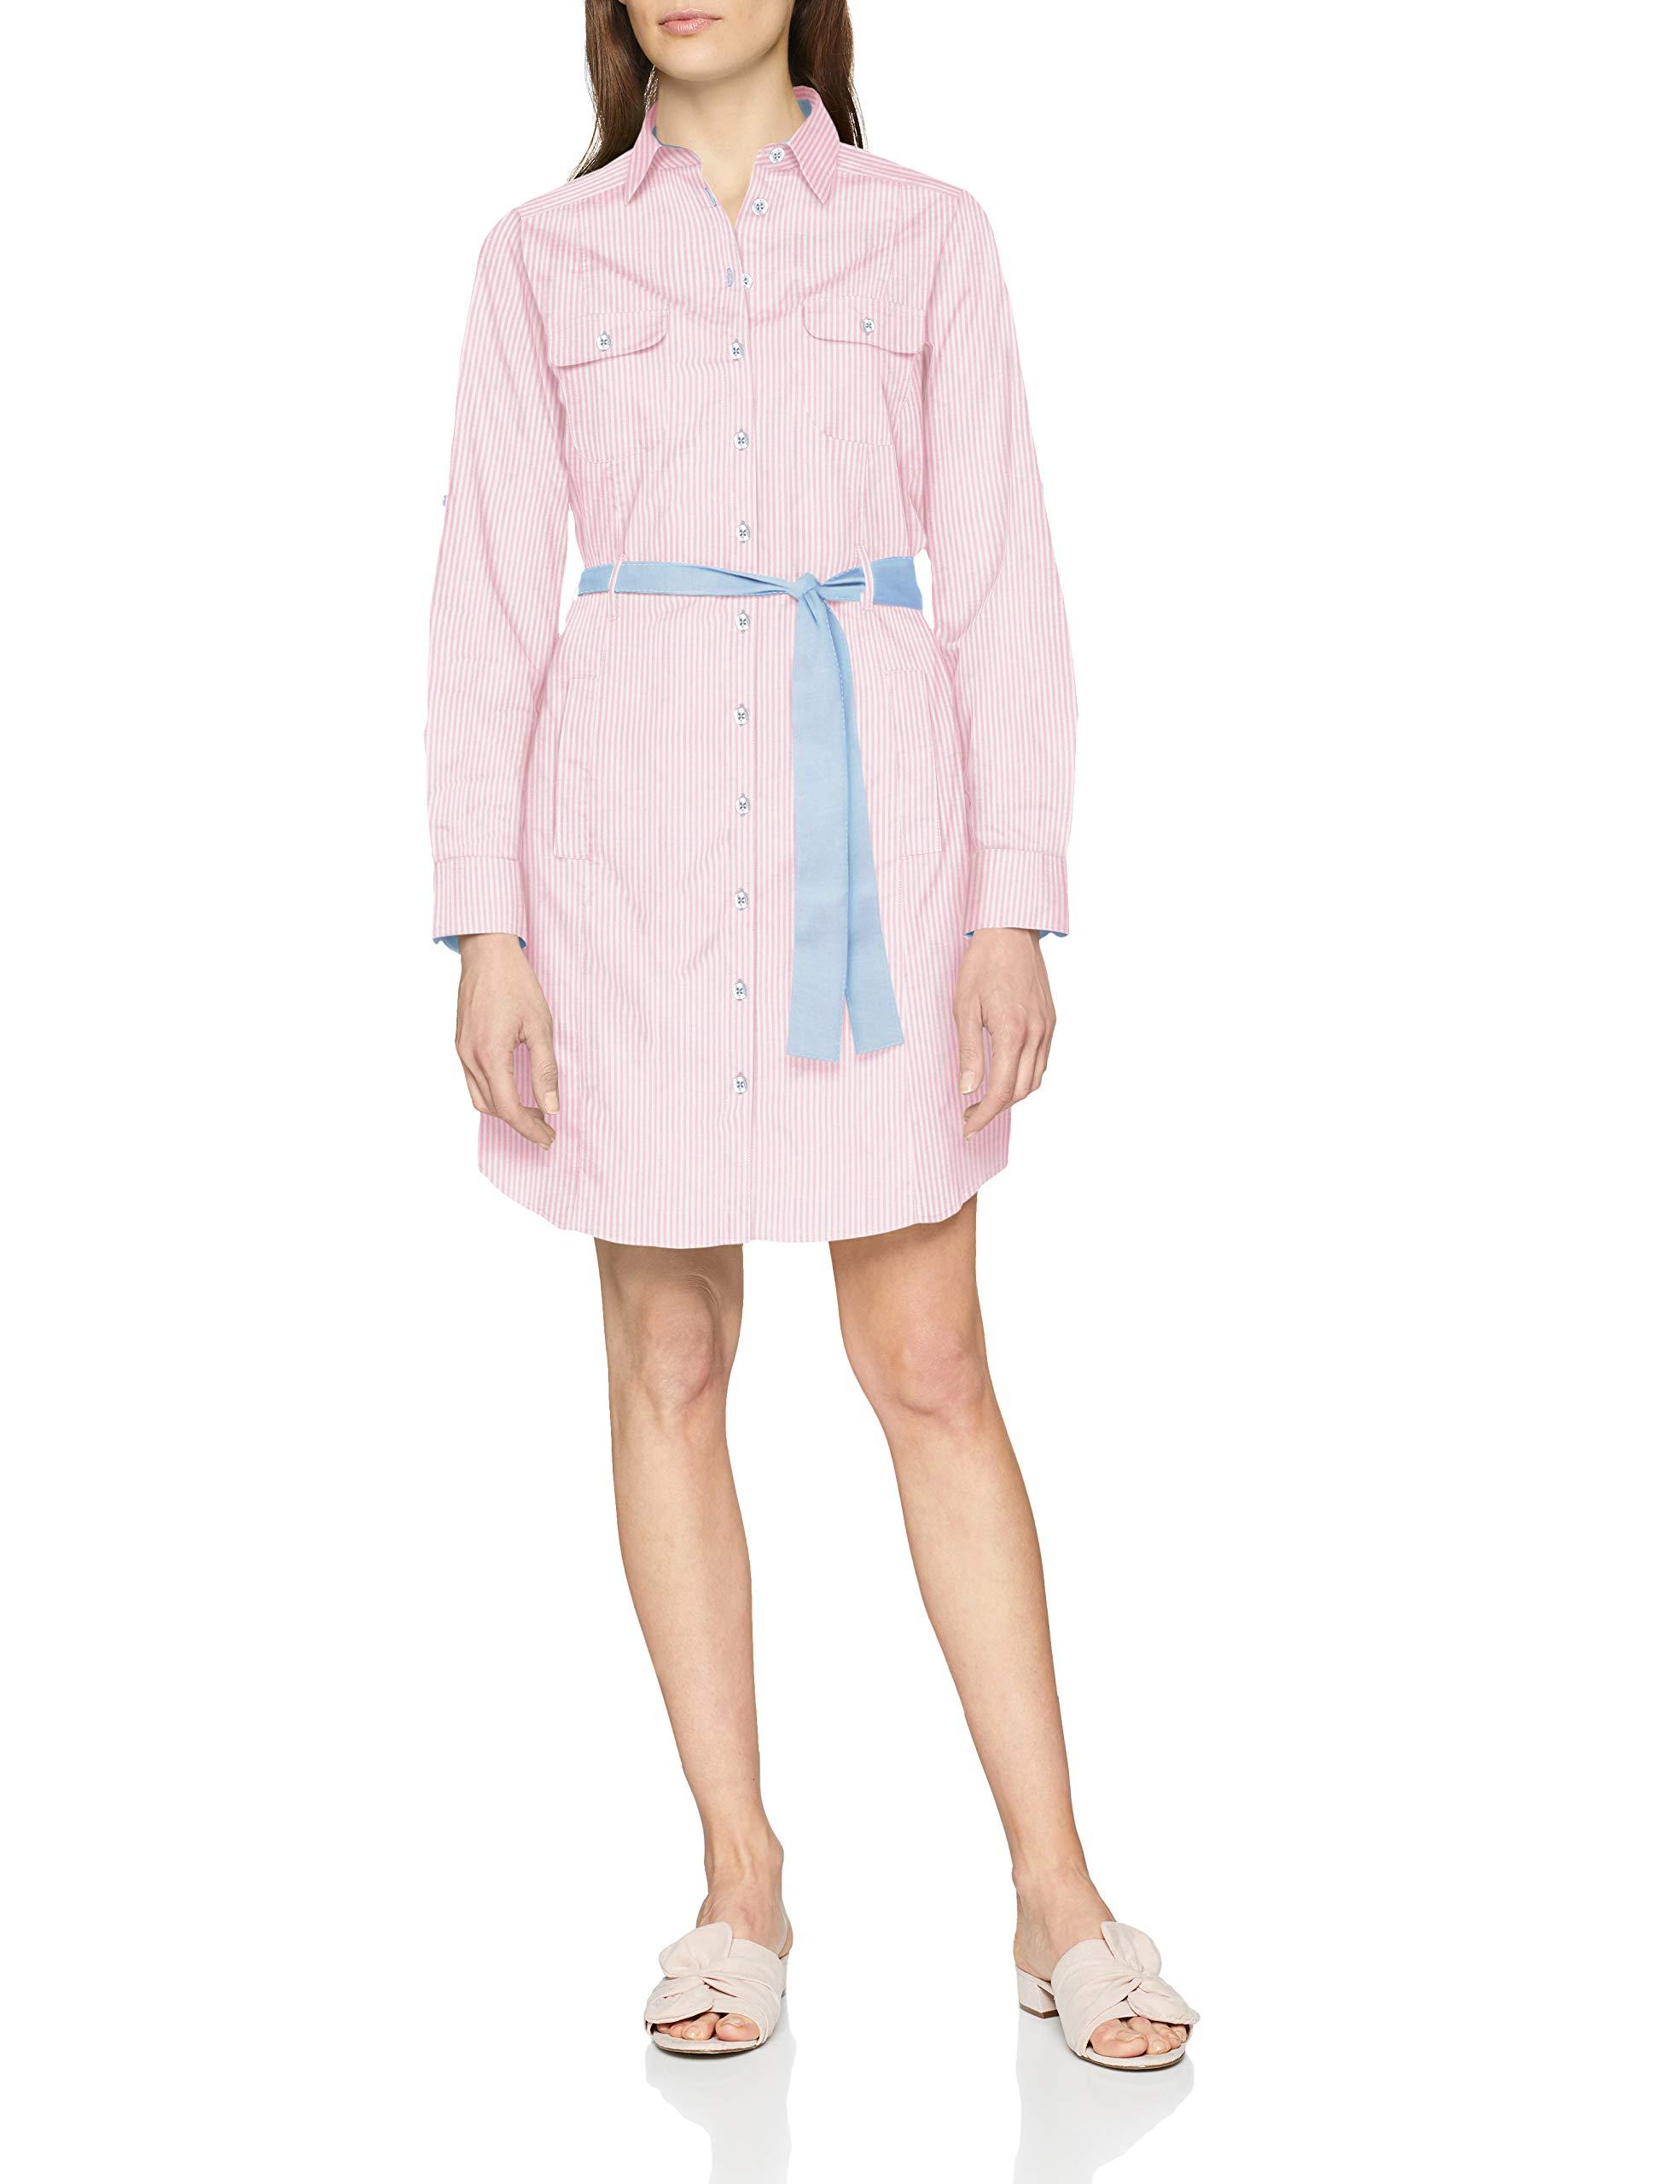 FemmeRoseraya Du Solera s 1484Smalltaille A8536zRobe Fabricant Rosa rxedBWQCo